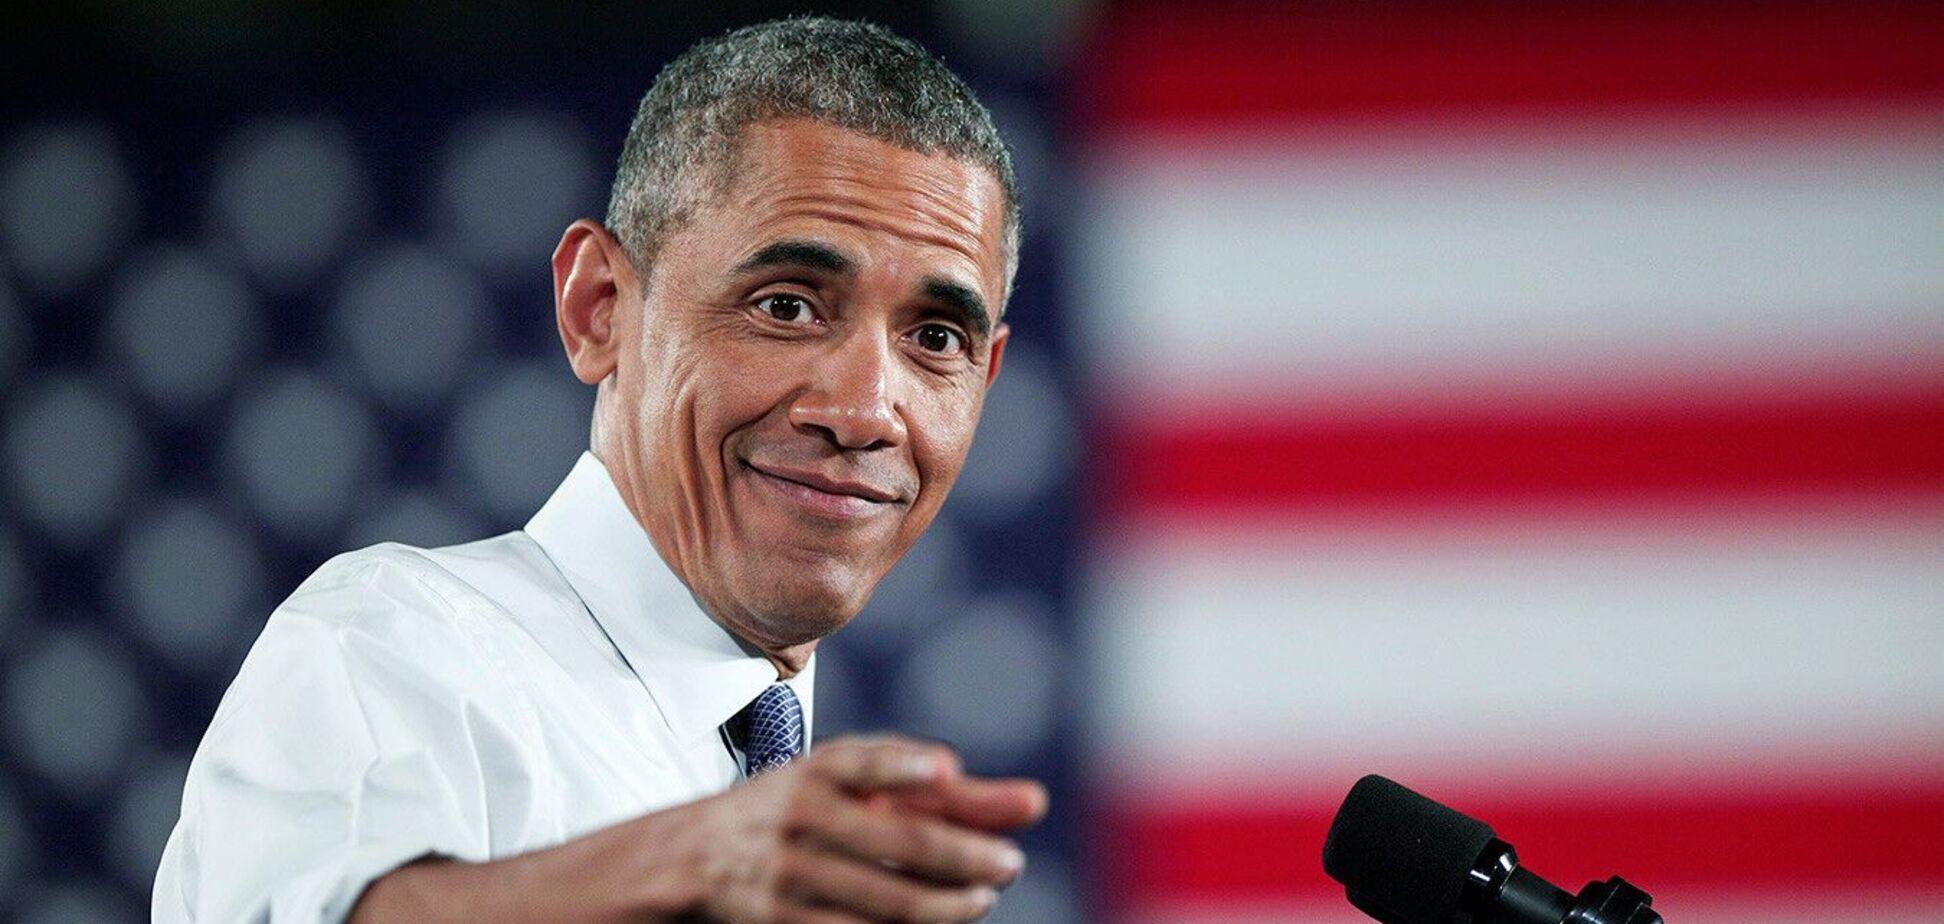 Книга Барака Обамы установила рекорд в США: он обогнал свою жену